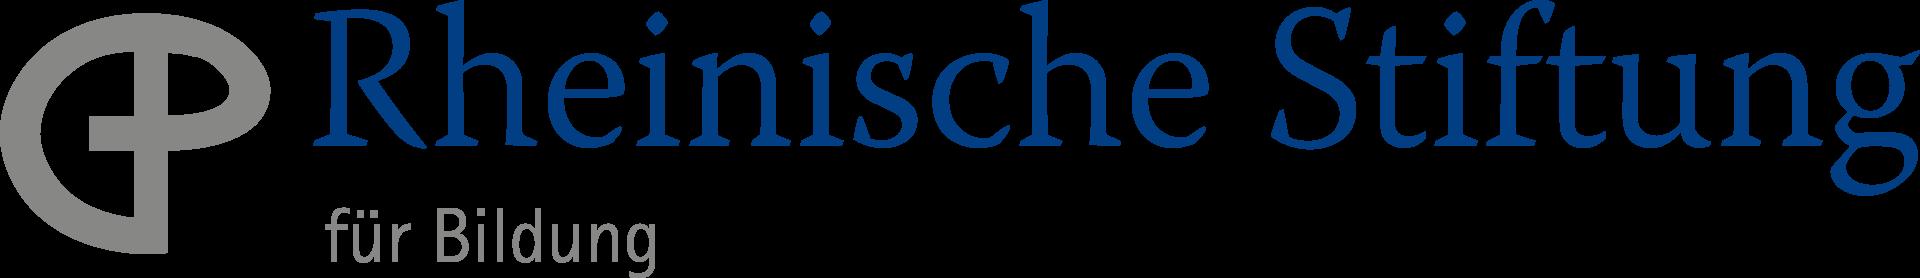 stiftung-logo-big